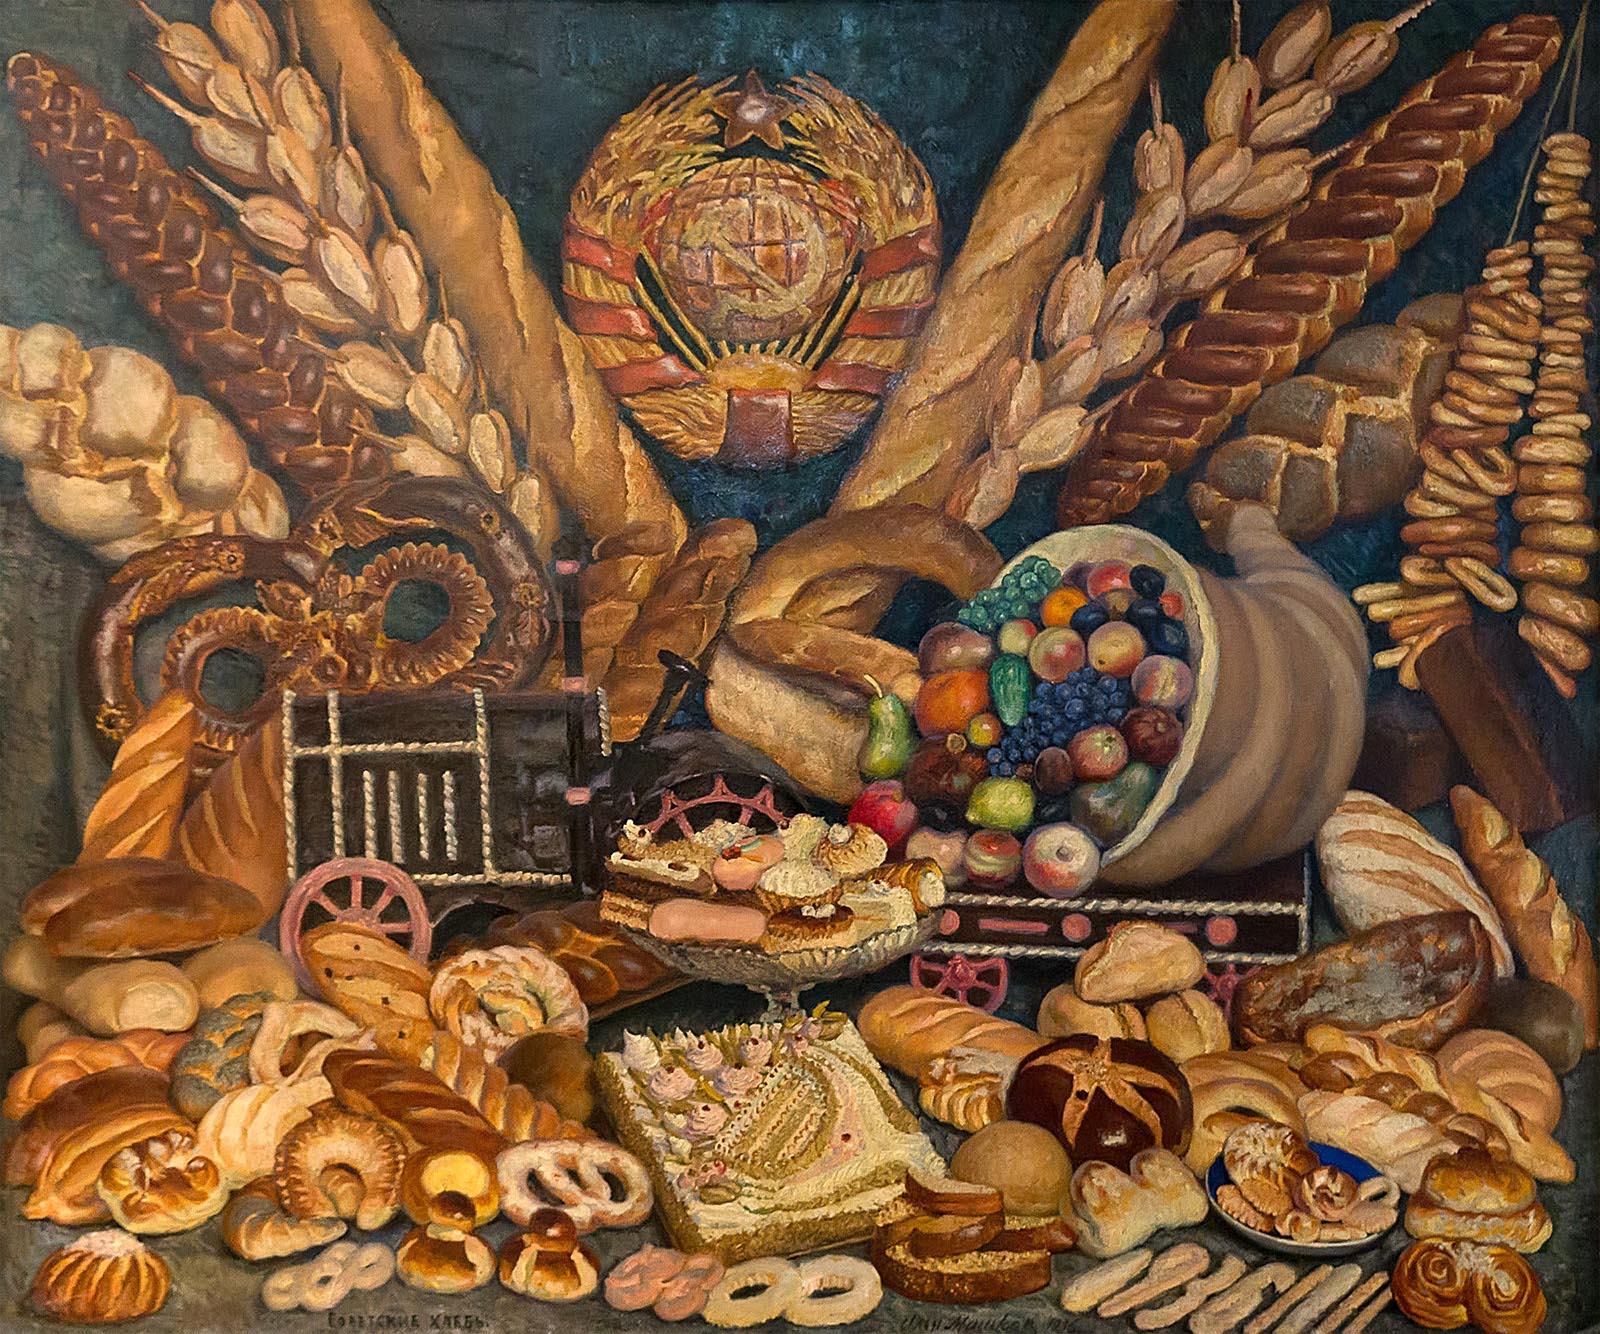 Советская еда - лучше или хуже?